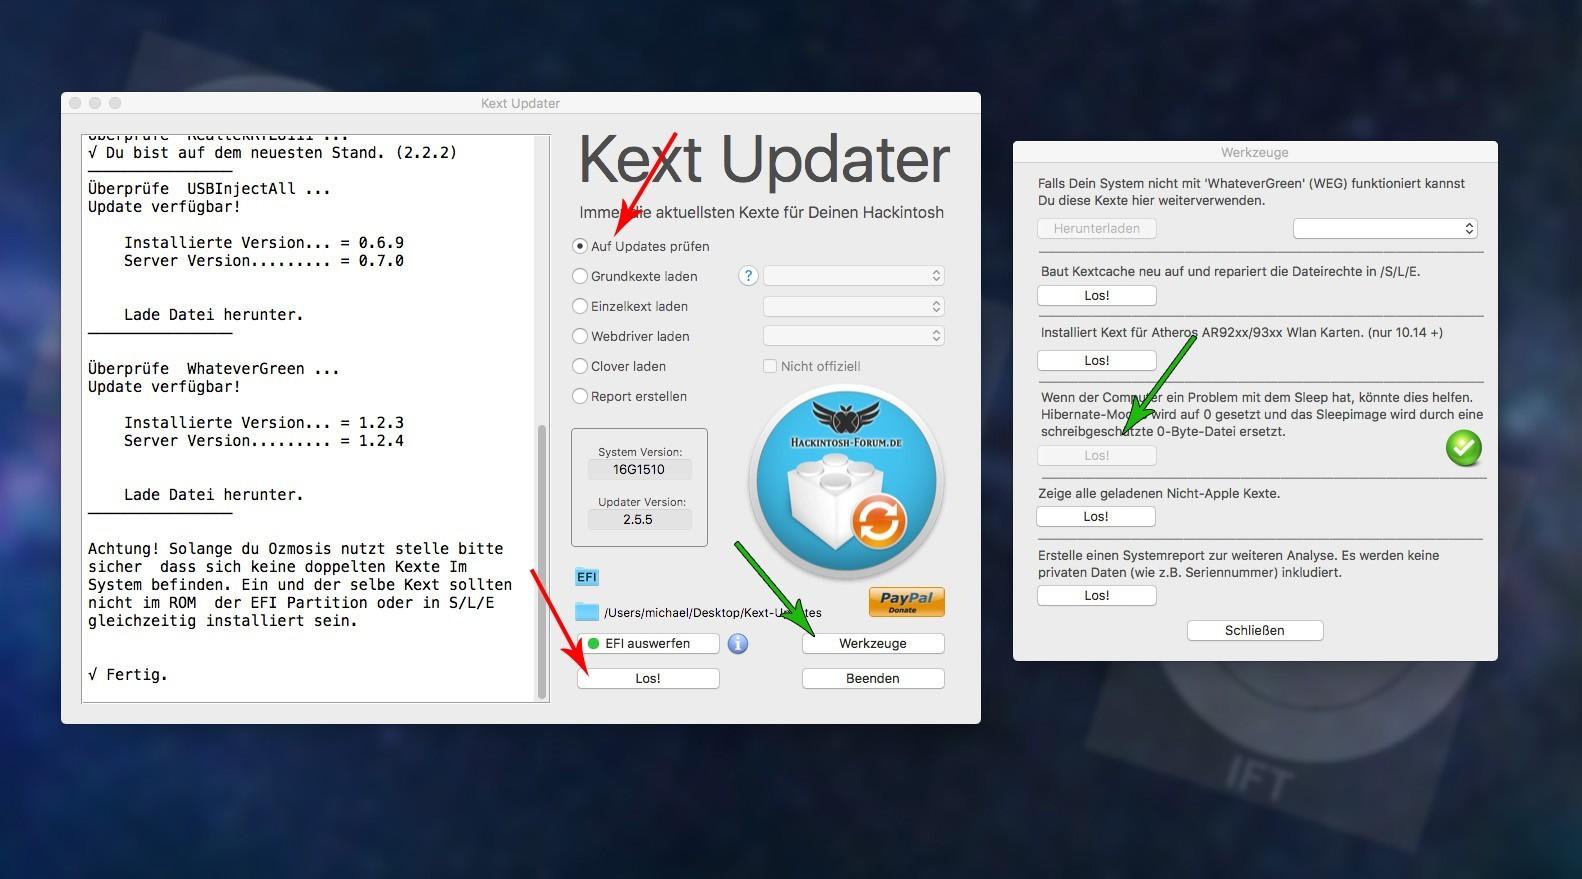 Kext Updater